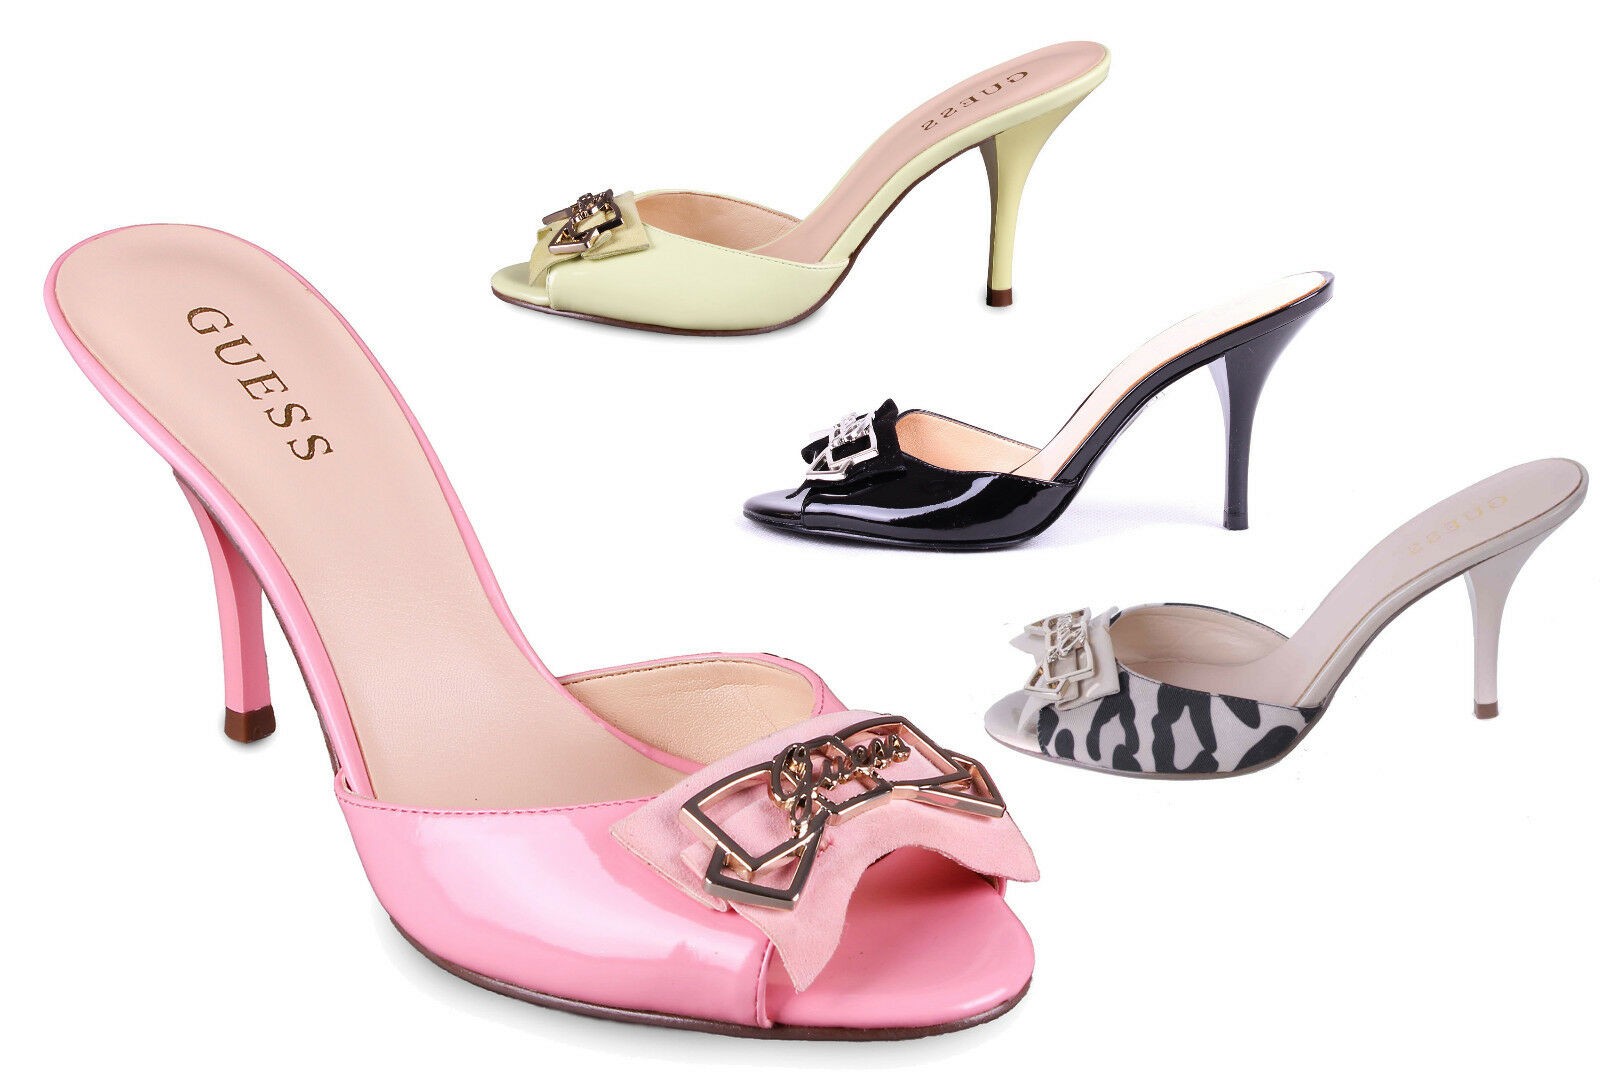 Los últimos zapatos de descuento para hombres y mujeres Guess de salón sandalias sandalias muchos colores,